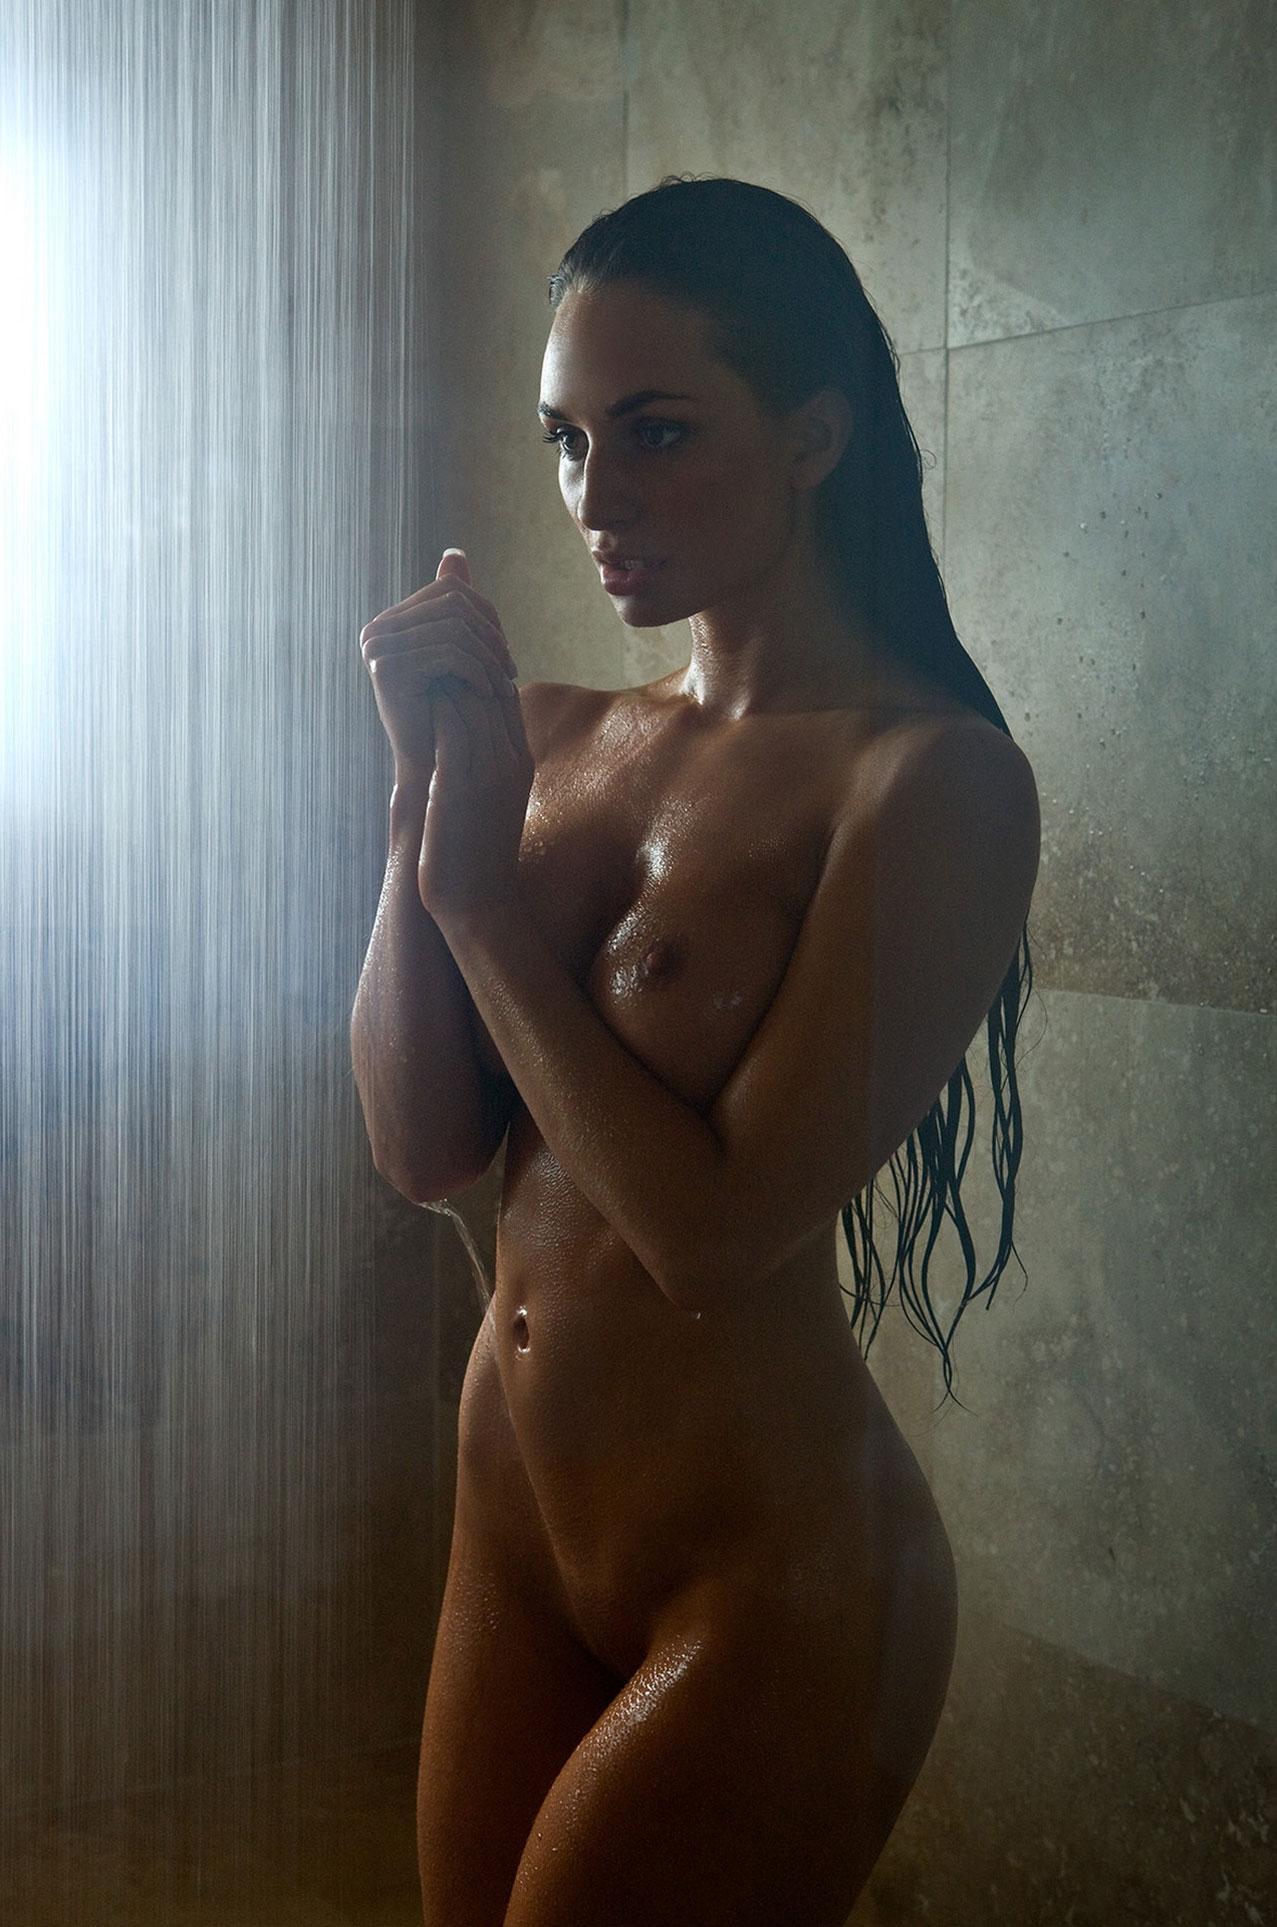 подборка фотографий сексуальных голых девушек - Rosie Roff